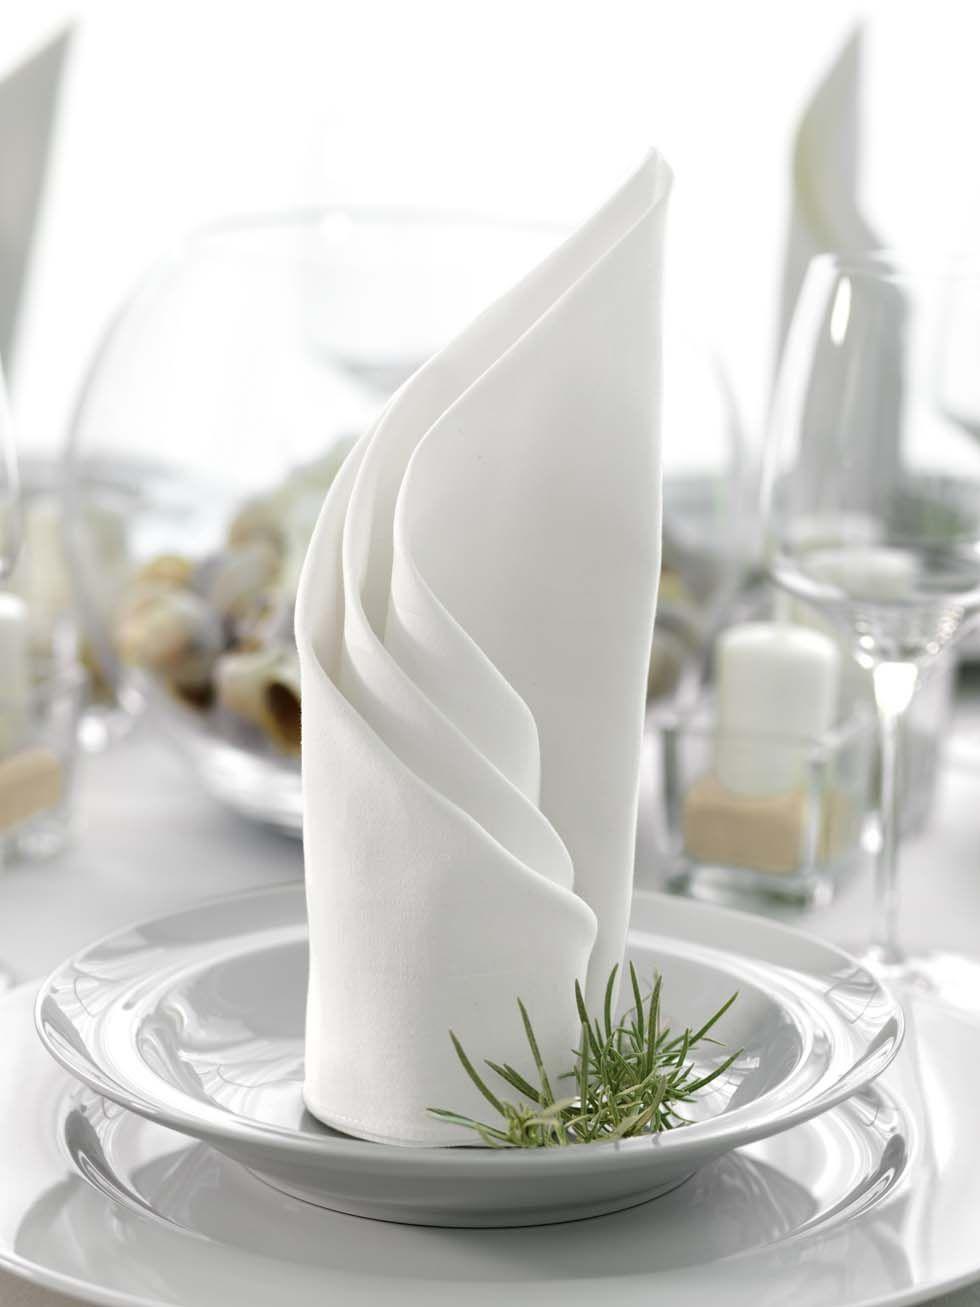 gedrehter f cher servietten pinterest servietten falten servietten und servietten falten. Black Bedroom Furniture Sets. Home Design Ideas